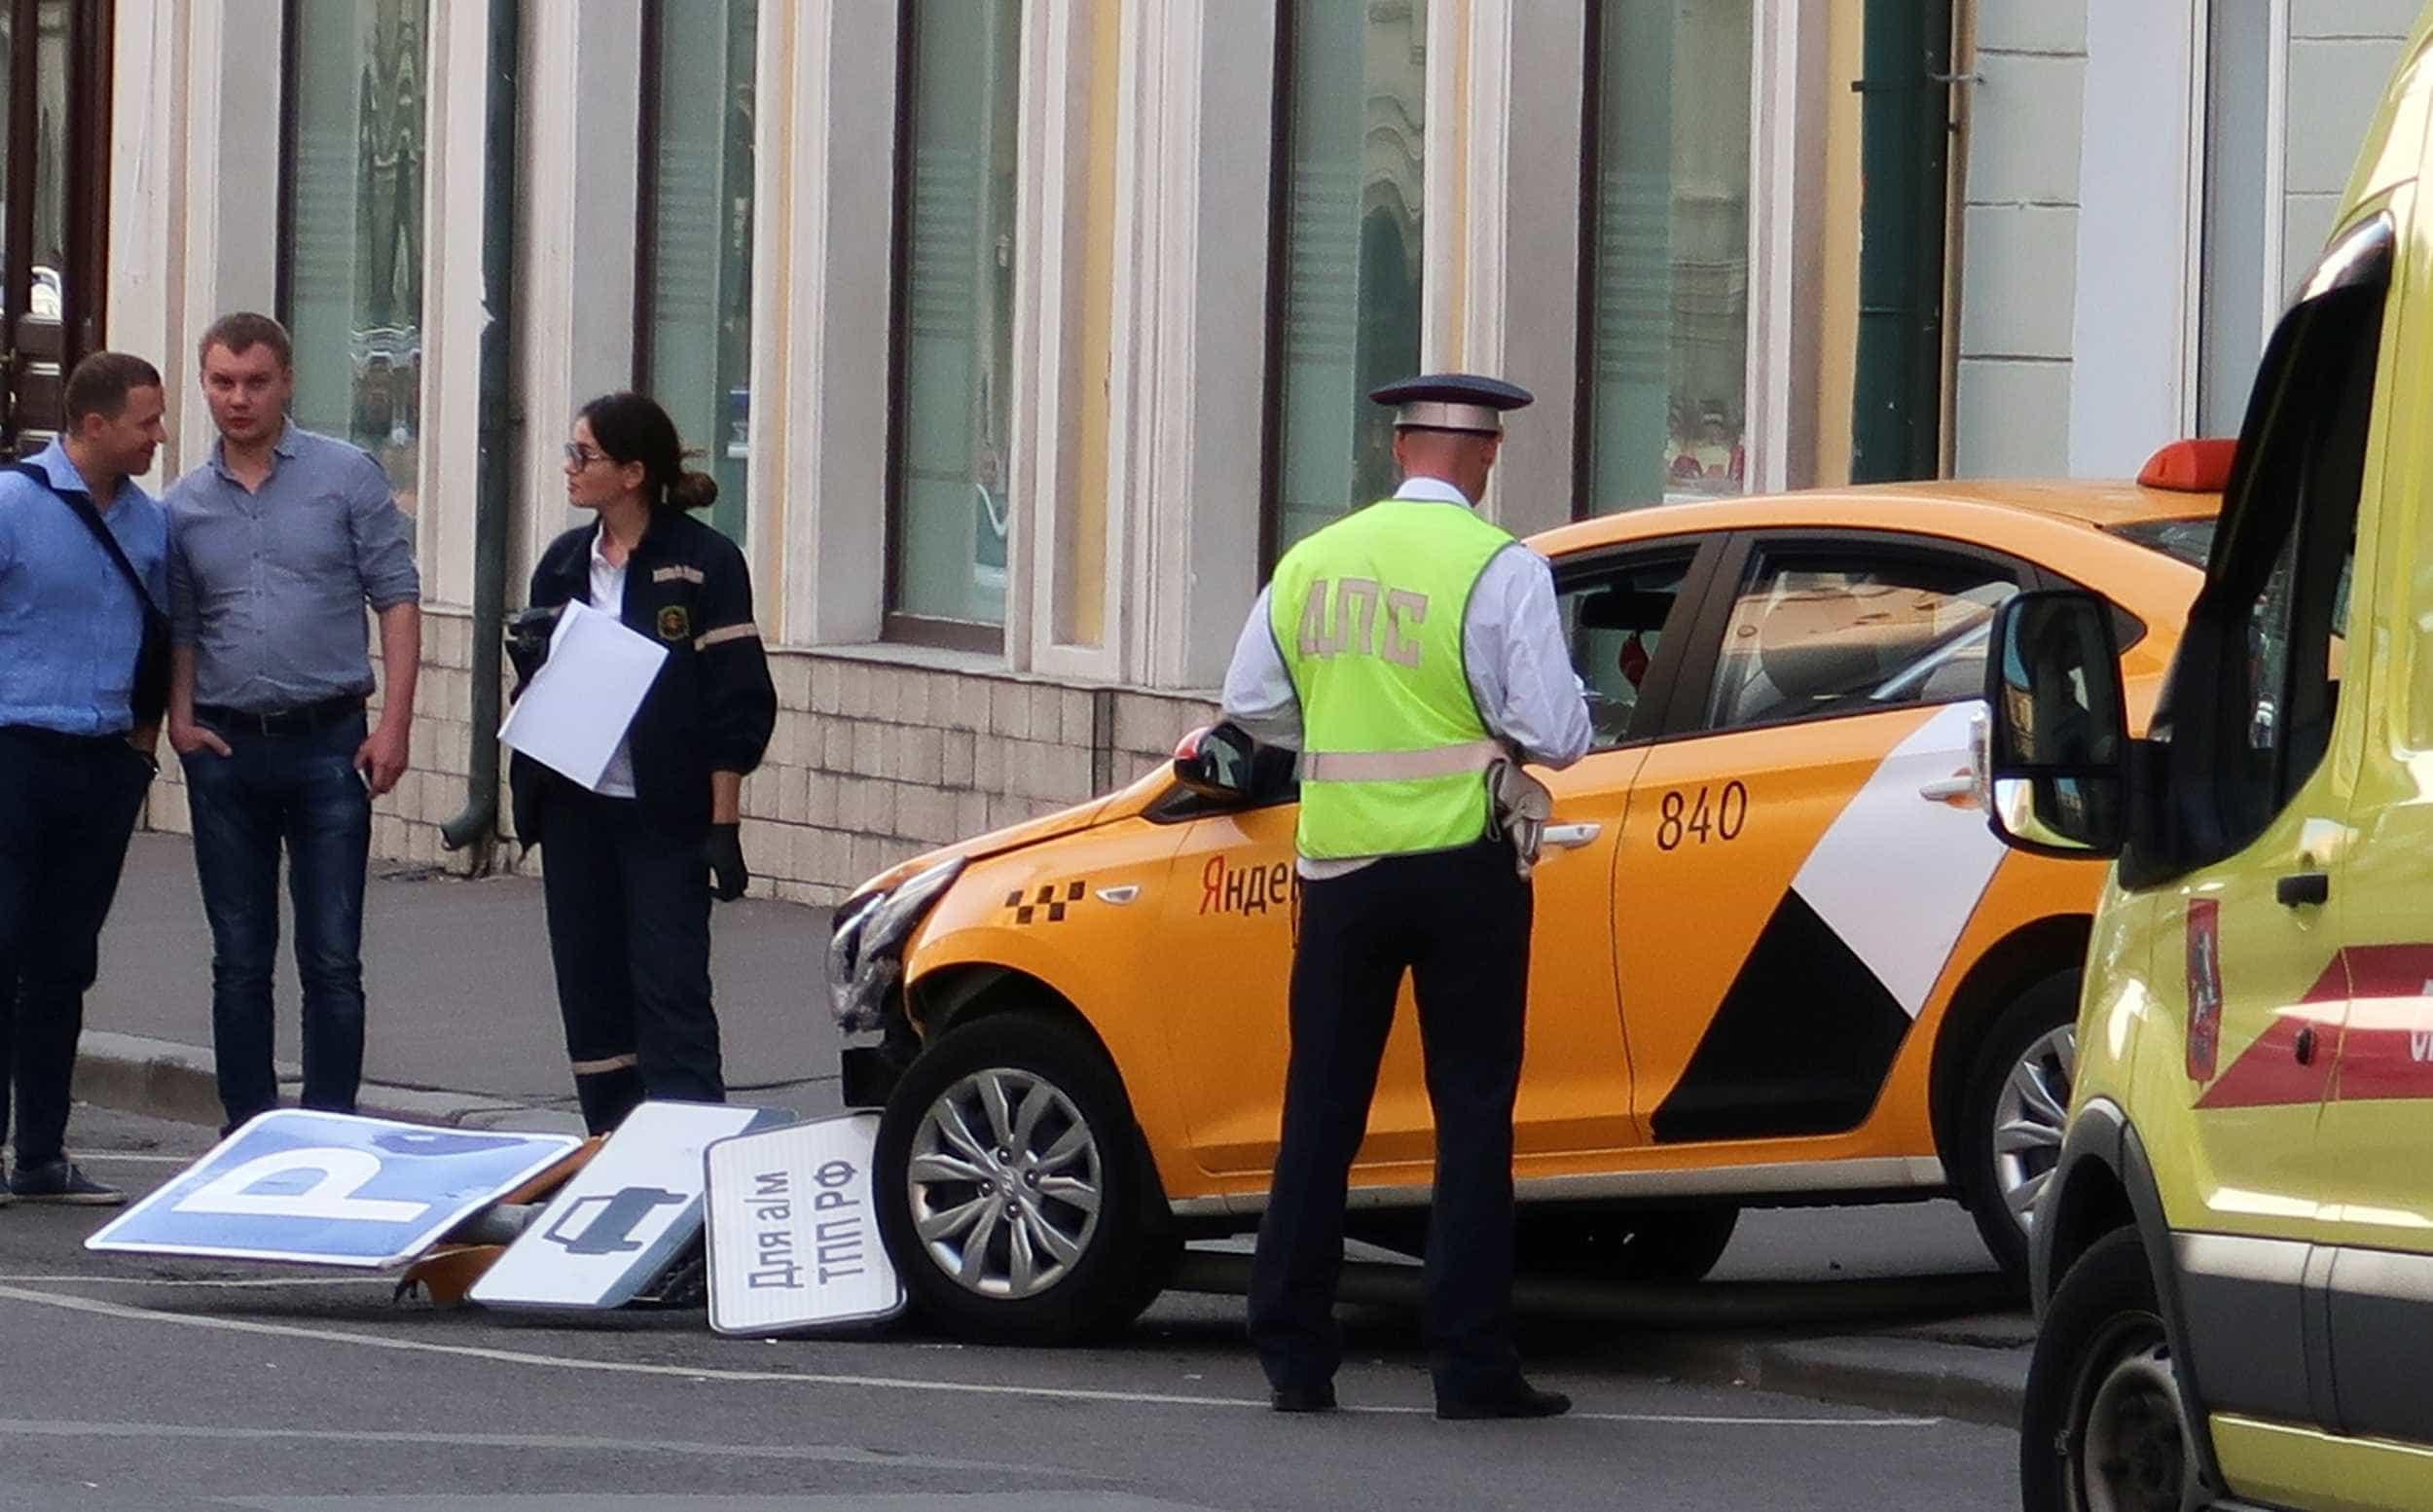 Vídeo mostra momento em que táxi avança sobre multidão em Moscou